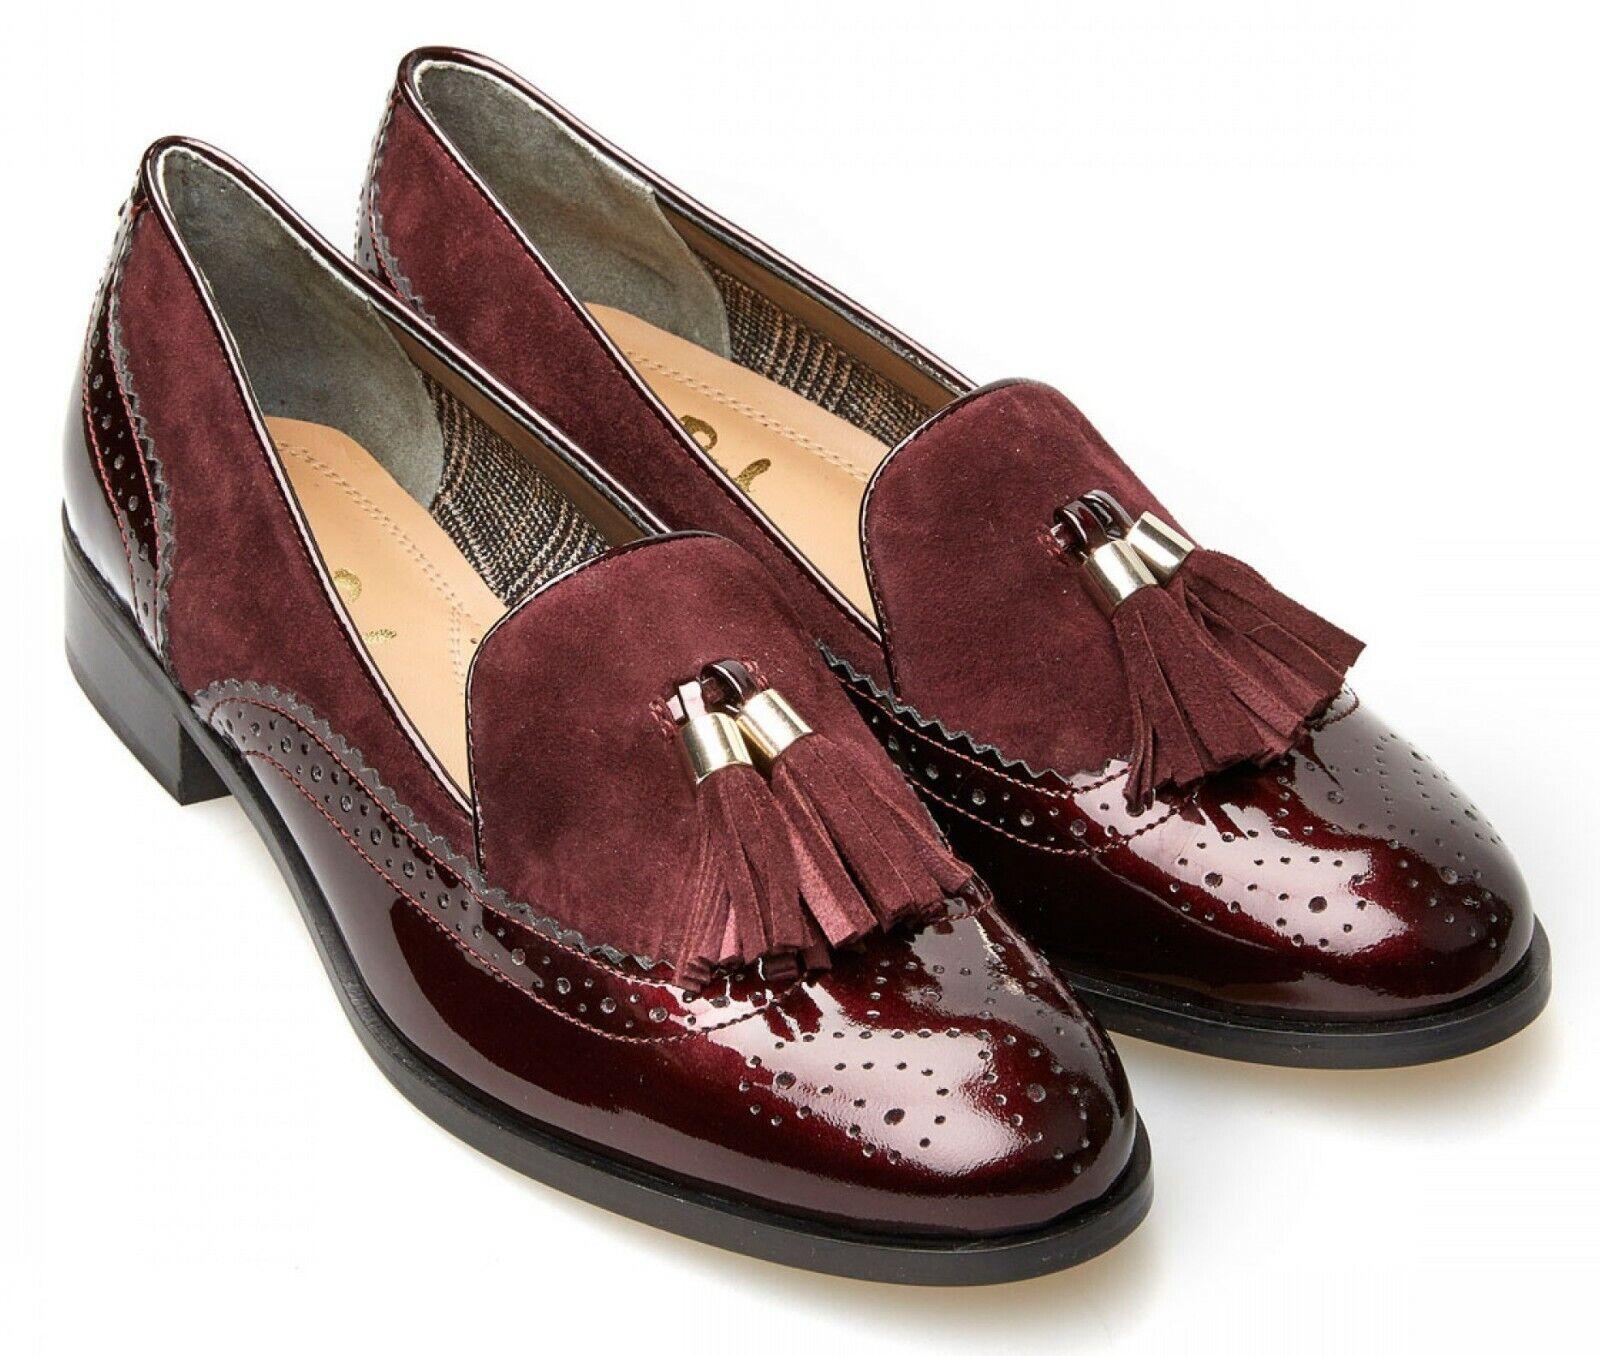 Ladies Step in scarpe Van Dal  Buchanan Garnet EU Dimensione 37 (UK Dimensione 4) D Fitting  consegna gratuita